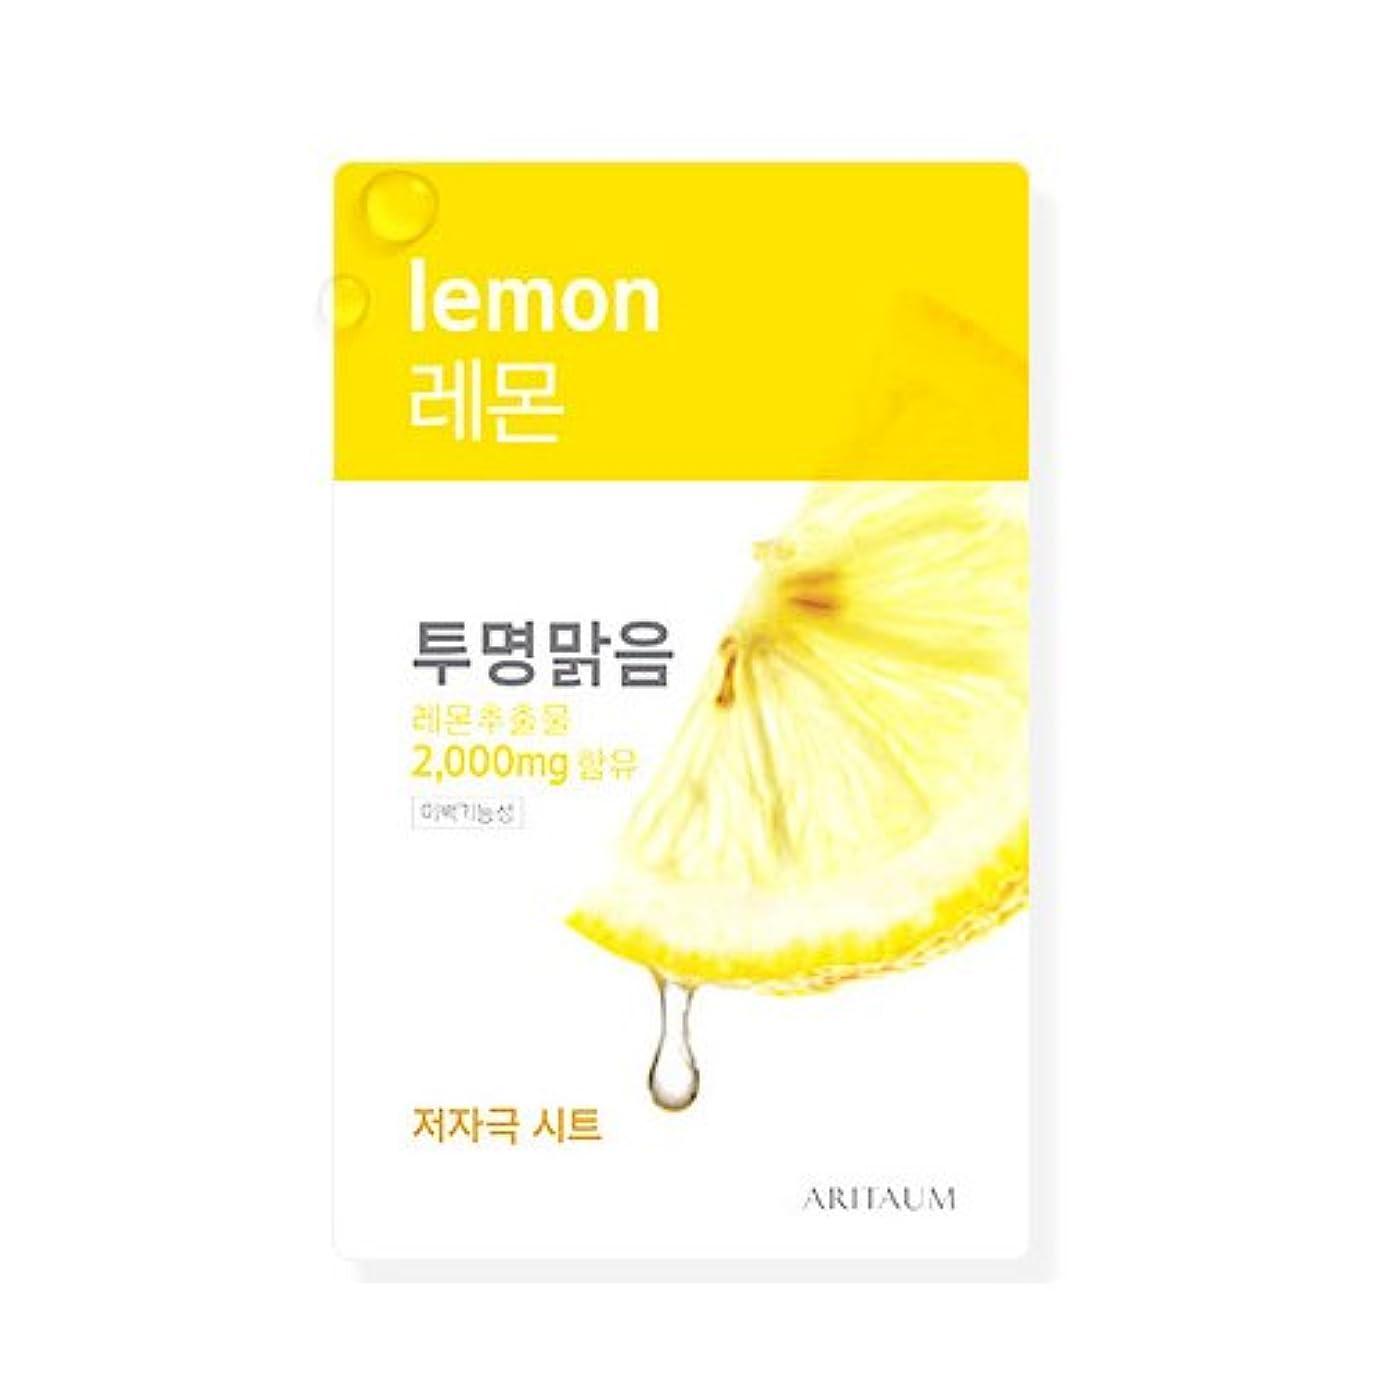 アルミニウムトチの実の木帽子Aritaum(アリタウム)フレッシュ エッセンス マスク(1回分×10枚セット)種類:レモン